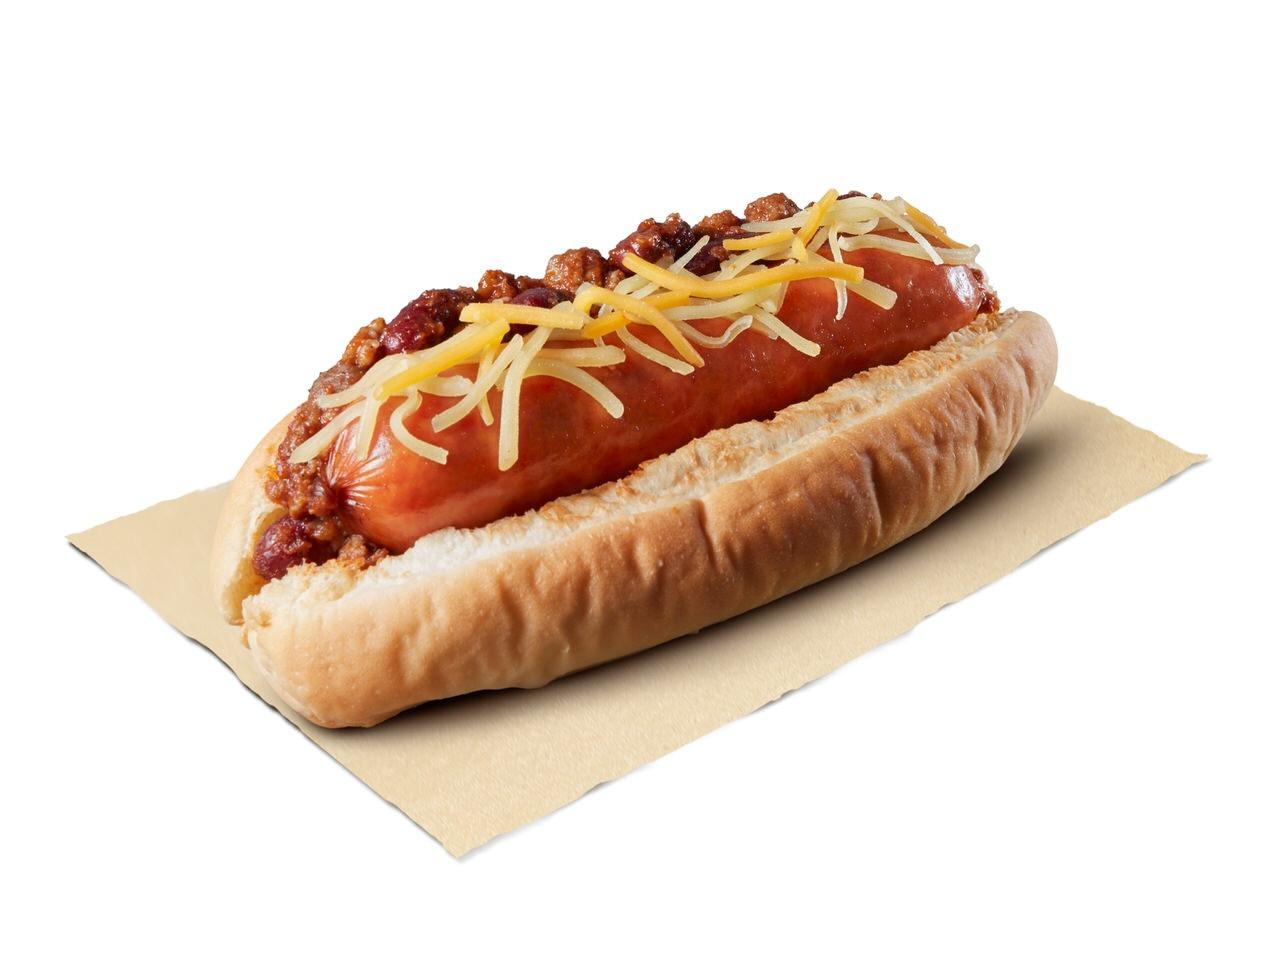 【ジョンソンヴィル × バーガーキング】スパイス11種の本格チリビーンズソース&チーズを添えた「チリ・キングドッグ」9月4日発売開始